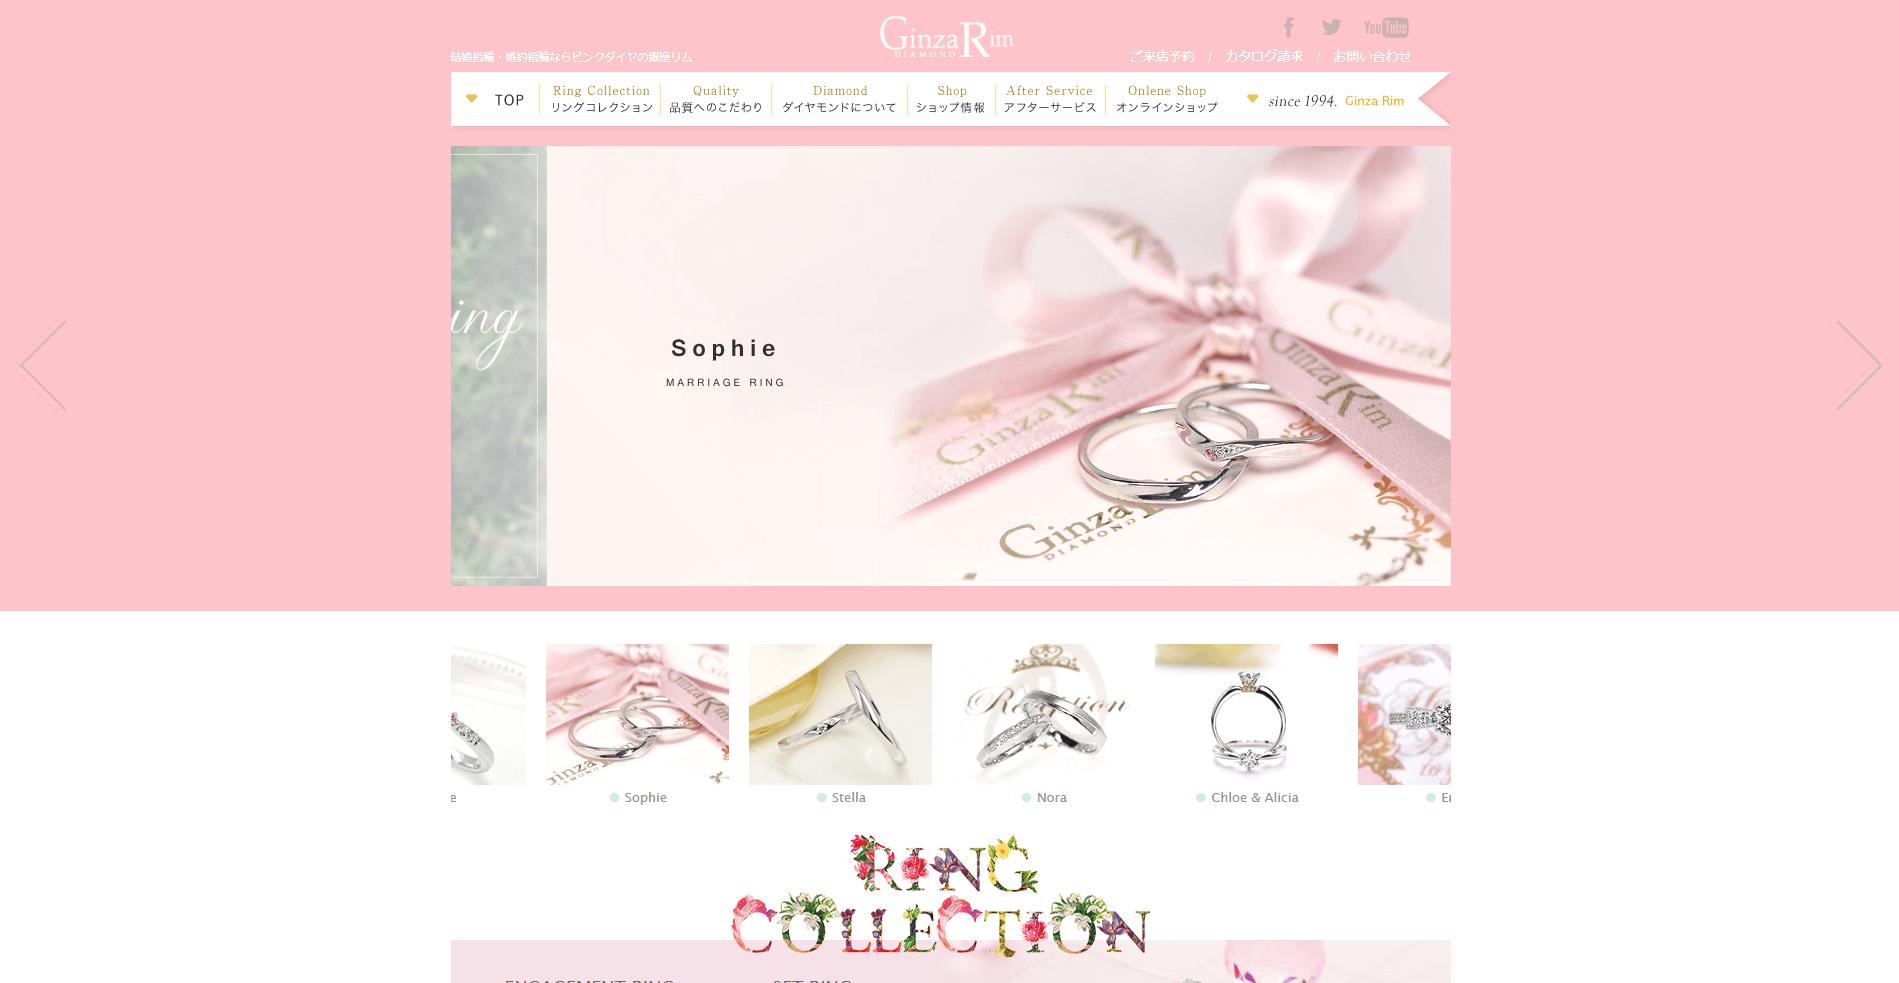 銀座リム(GinzaRim)公式サイトイメージ